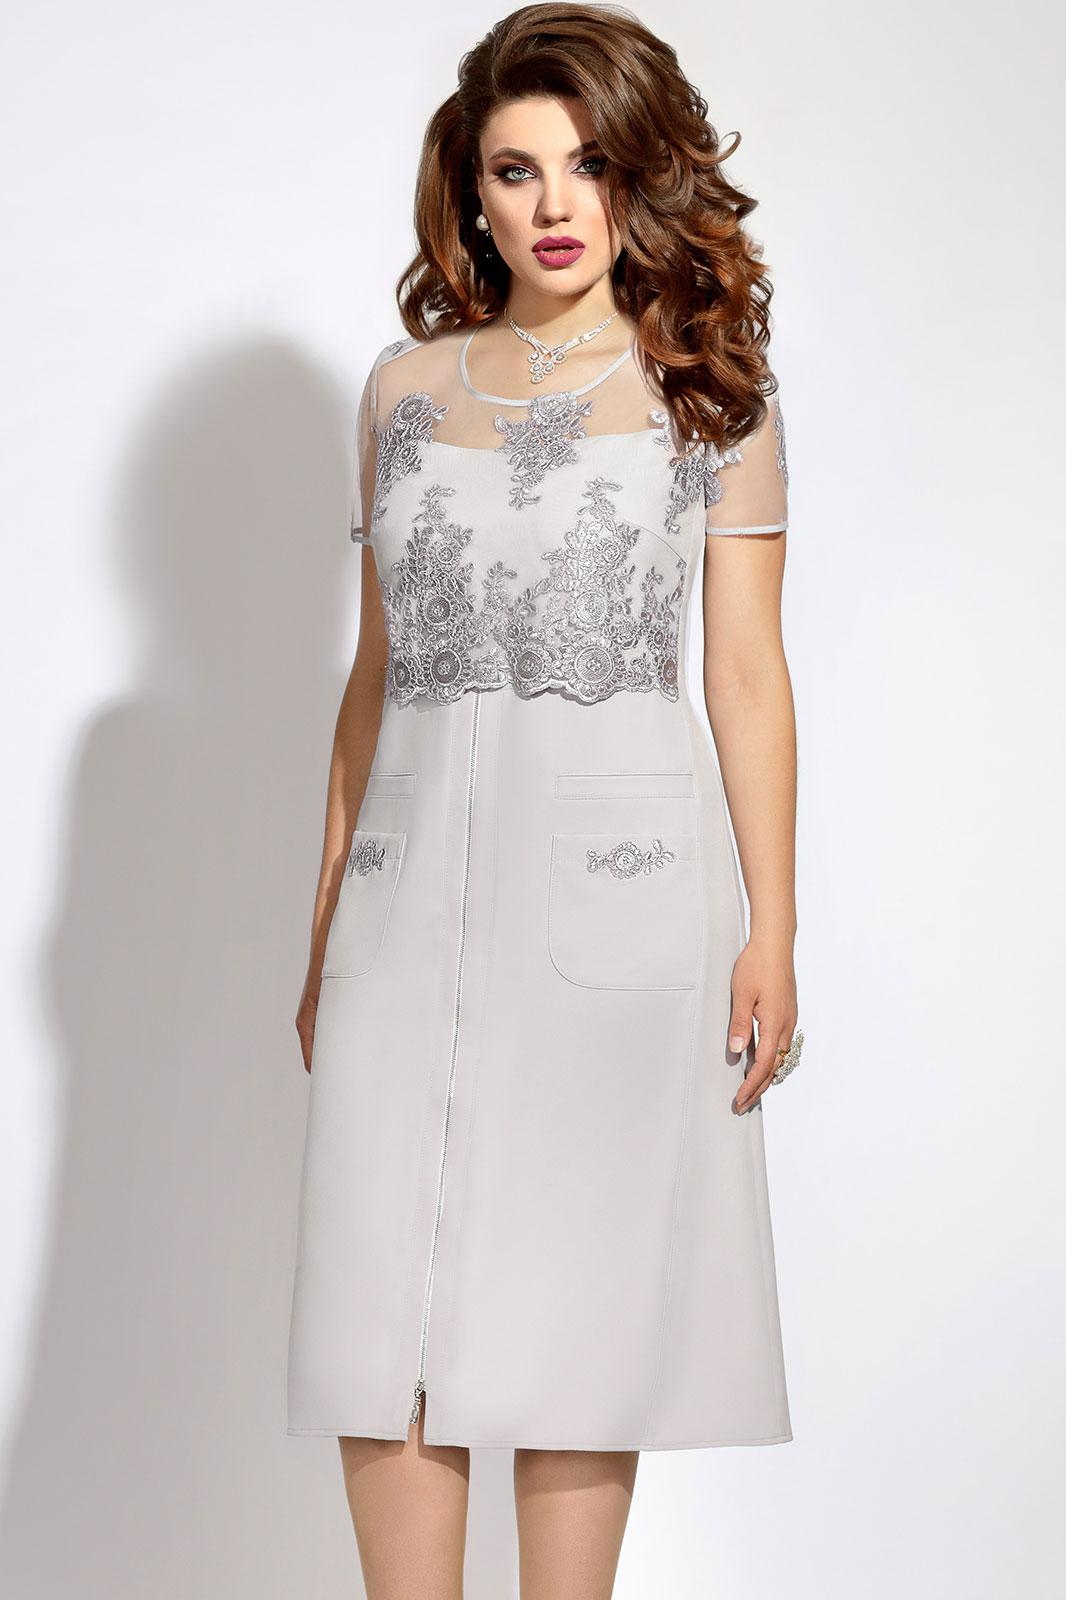 Купить Платье Vittoria Queen, 6073 светло-серый, Беларусь